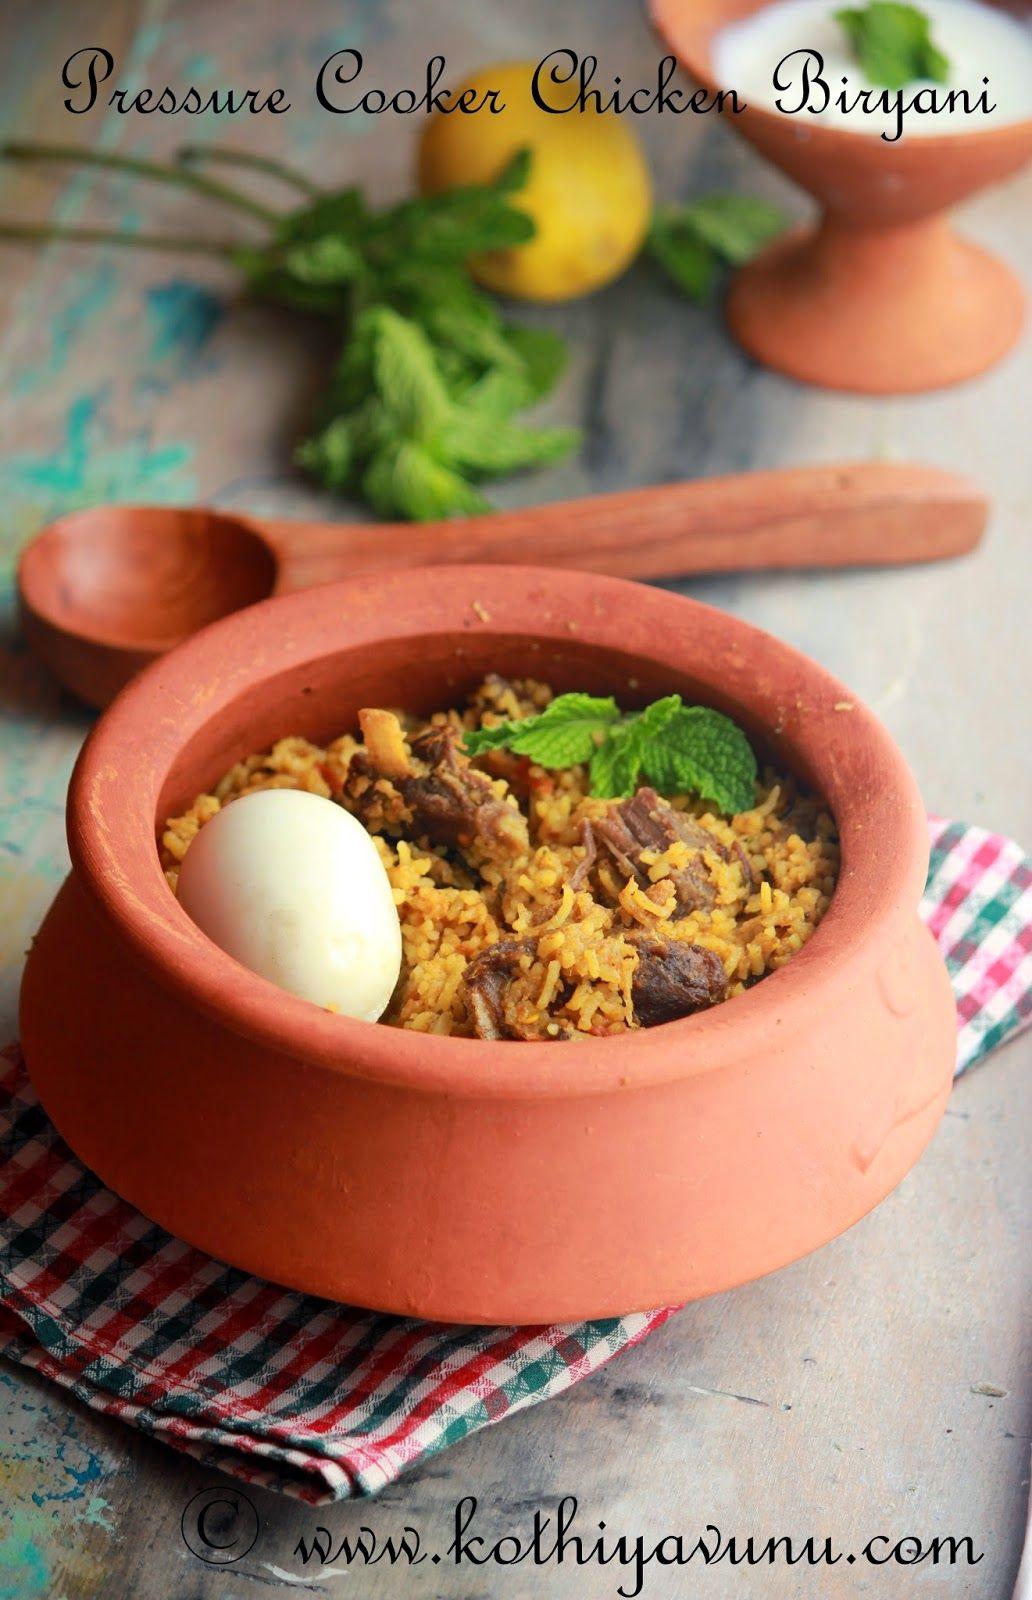 Malabar chicken biryani in bangalore dating